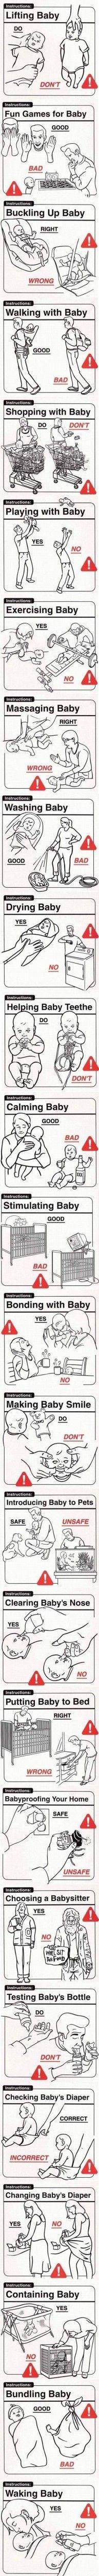 Baby instructions! Hahaha so funny!